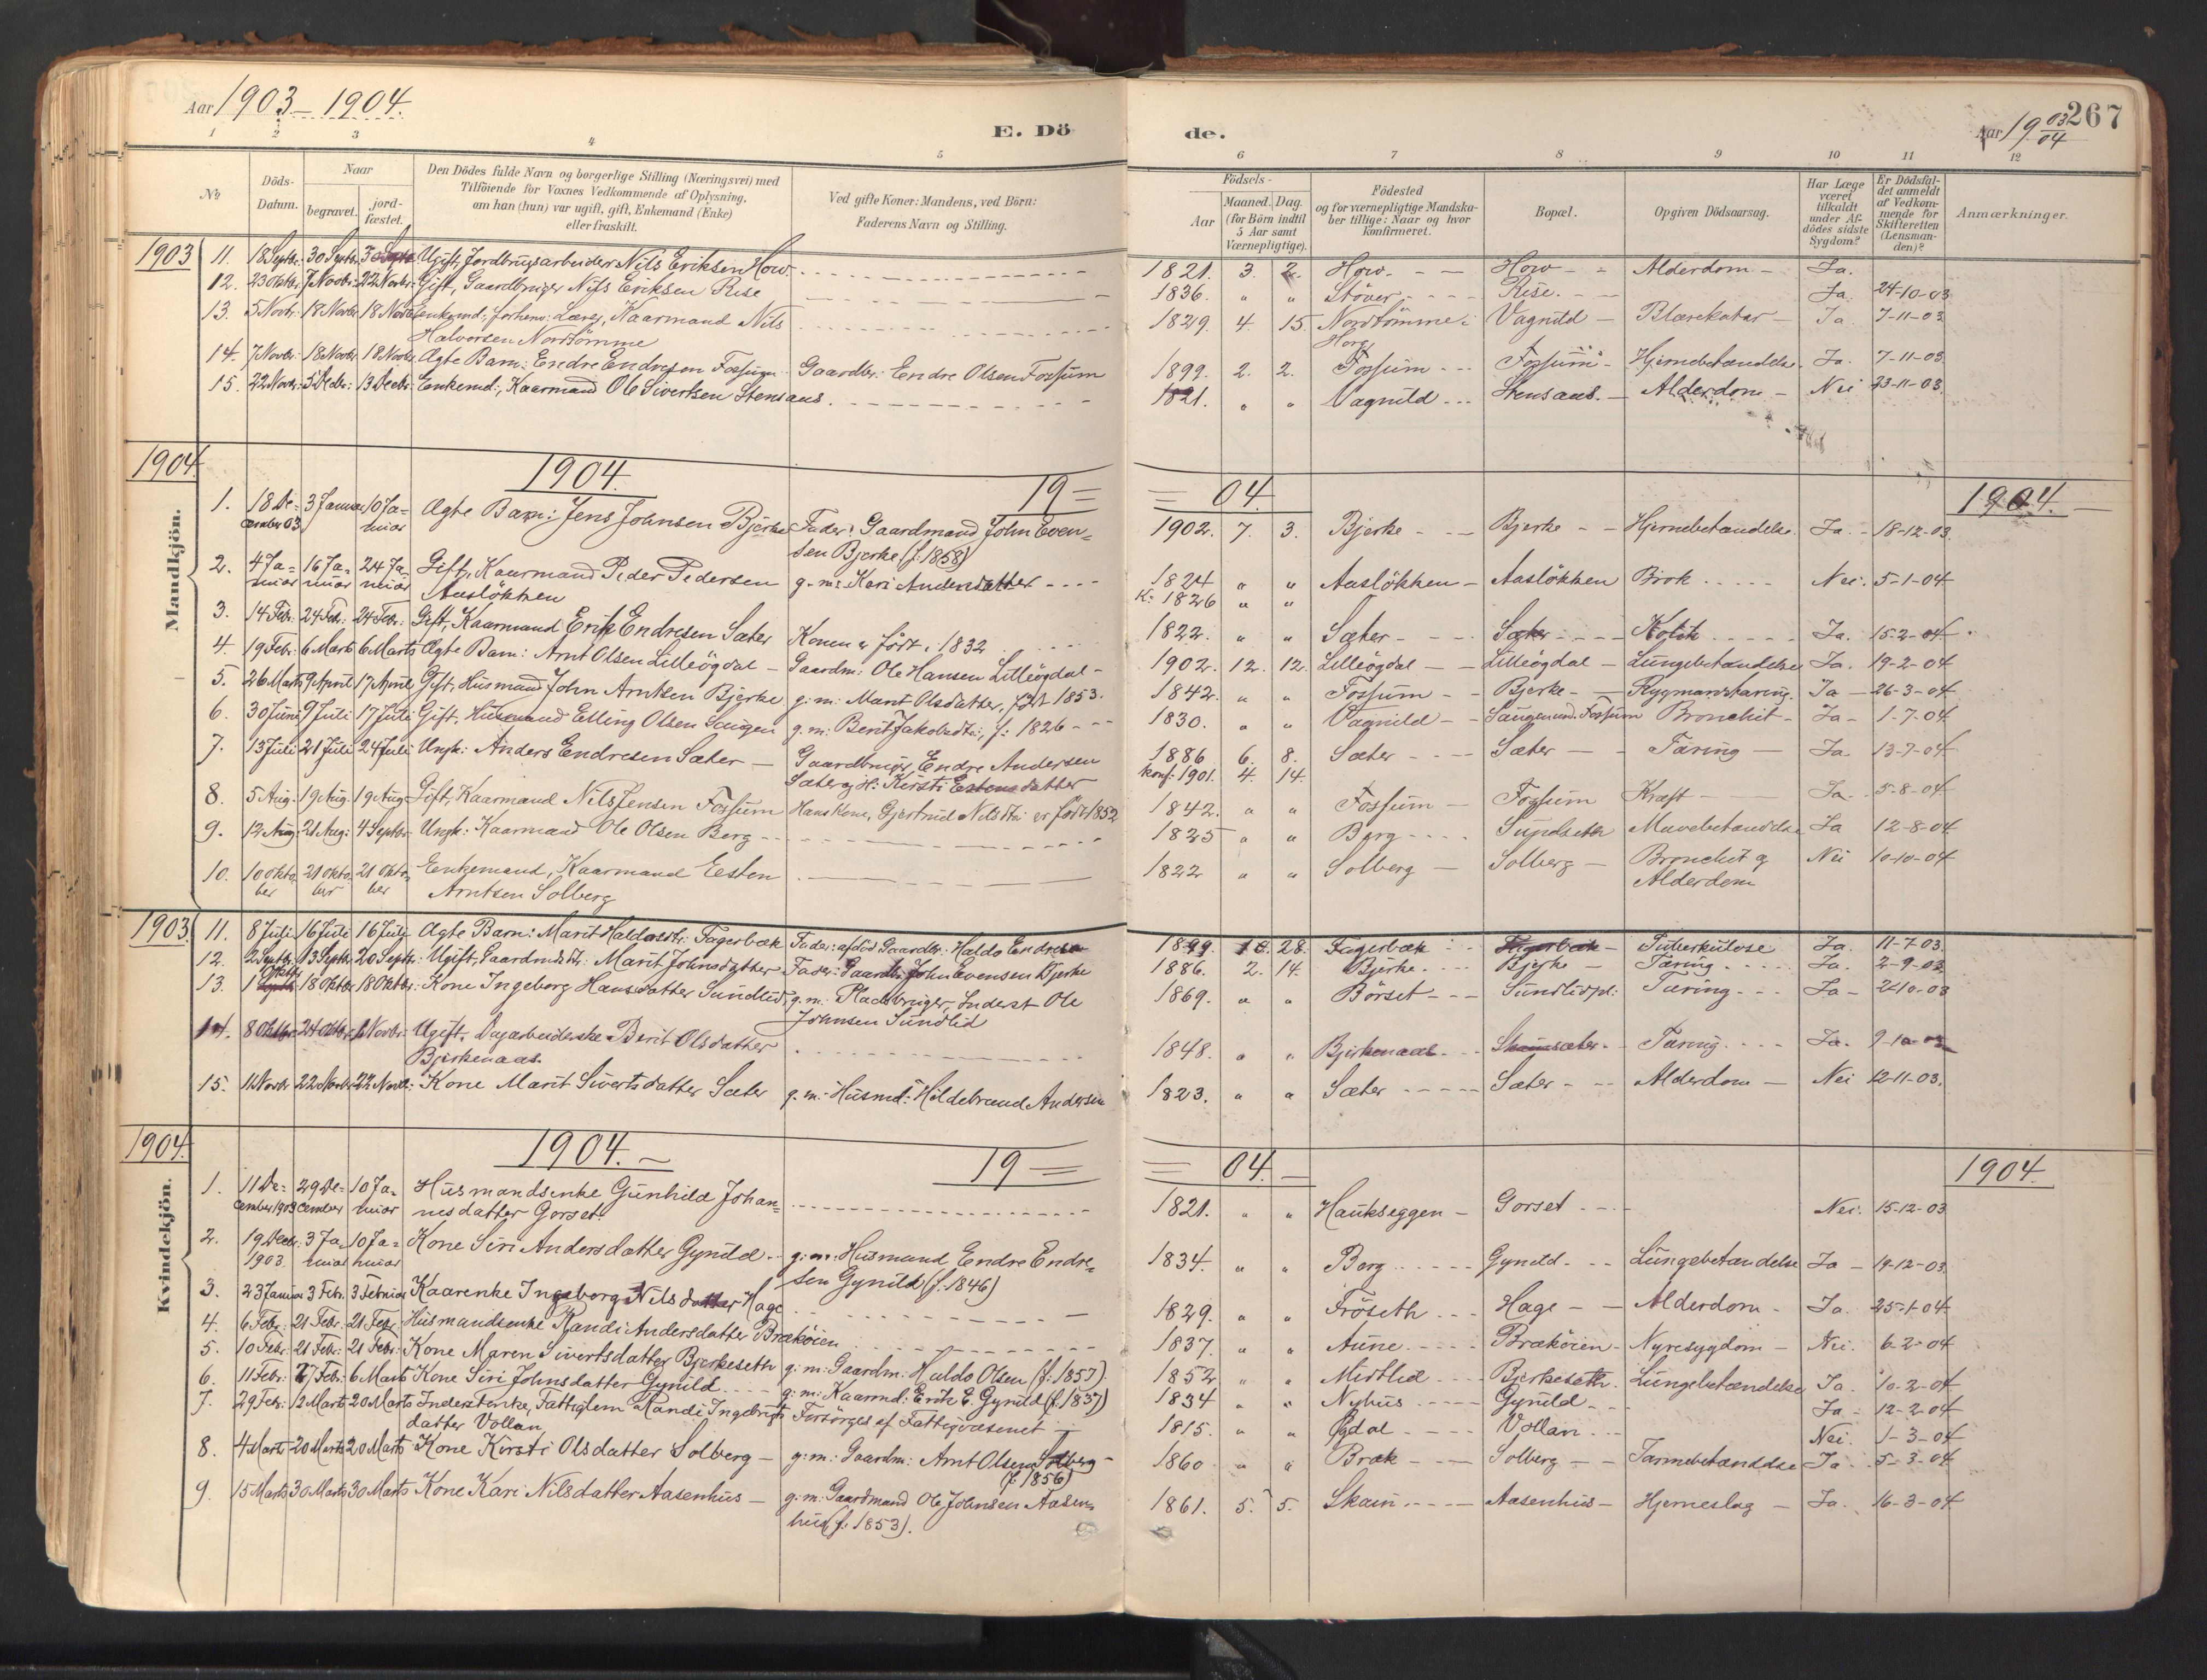 SAT, Ministerialprotokoller, klokkerbøker og fødselsregistre - Sør-Trøndelag, 689/L1041: Ministerialbok nr. 689A06, 1891-1923, s. 267